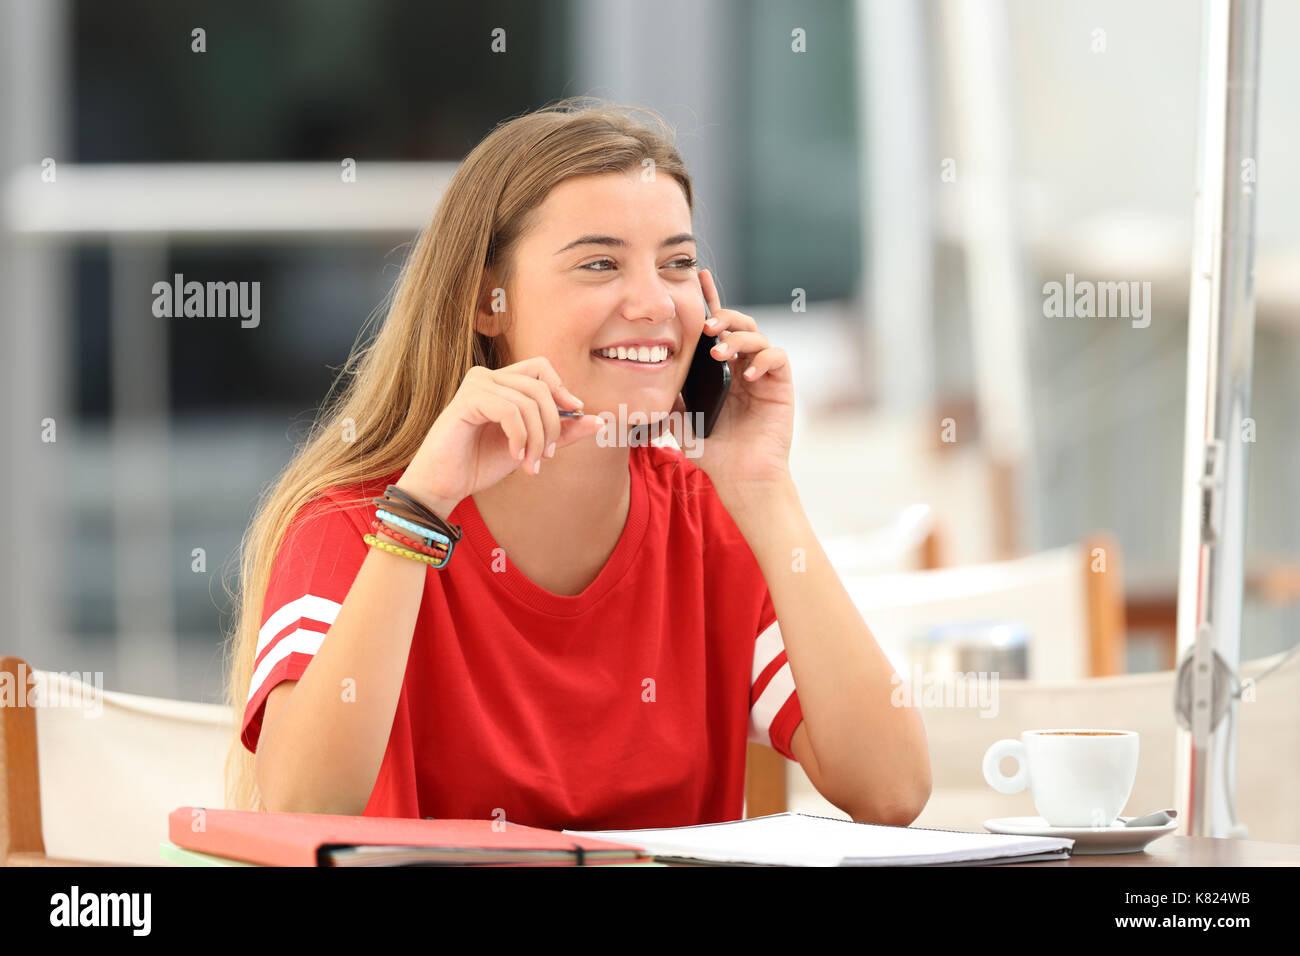 Étudiant candide girl laughing parlant au téléphone de l'emplacement dans un bar terrasse Photo Stock